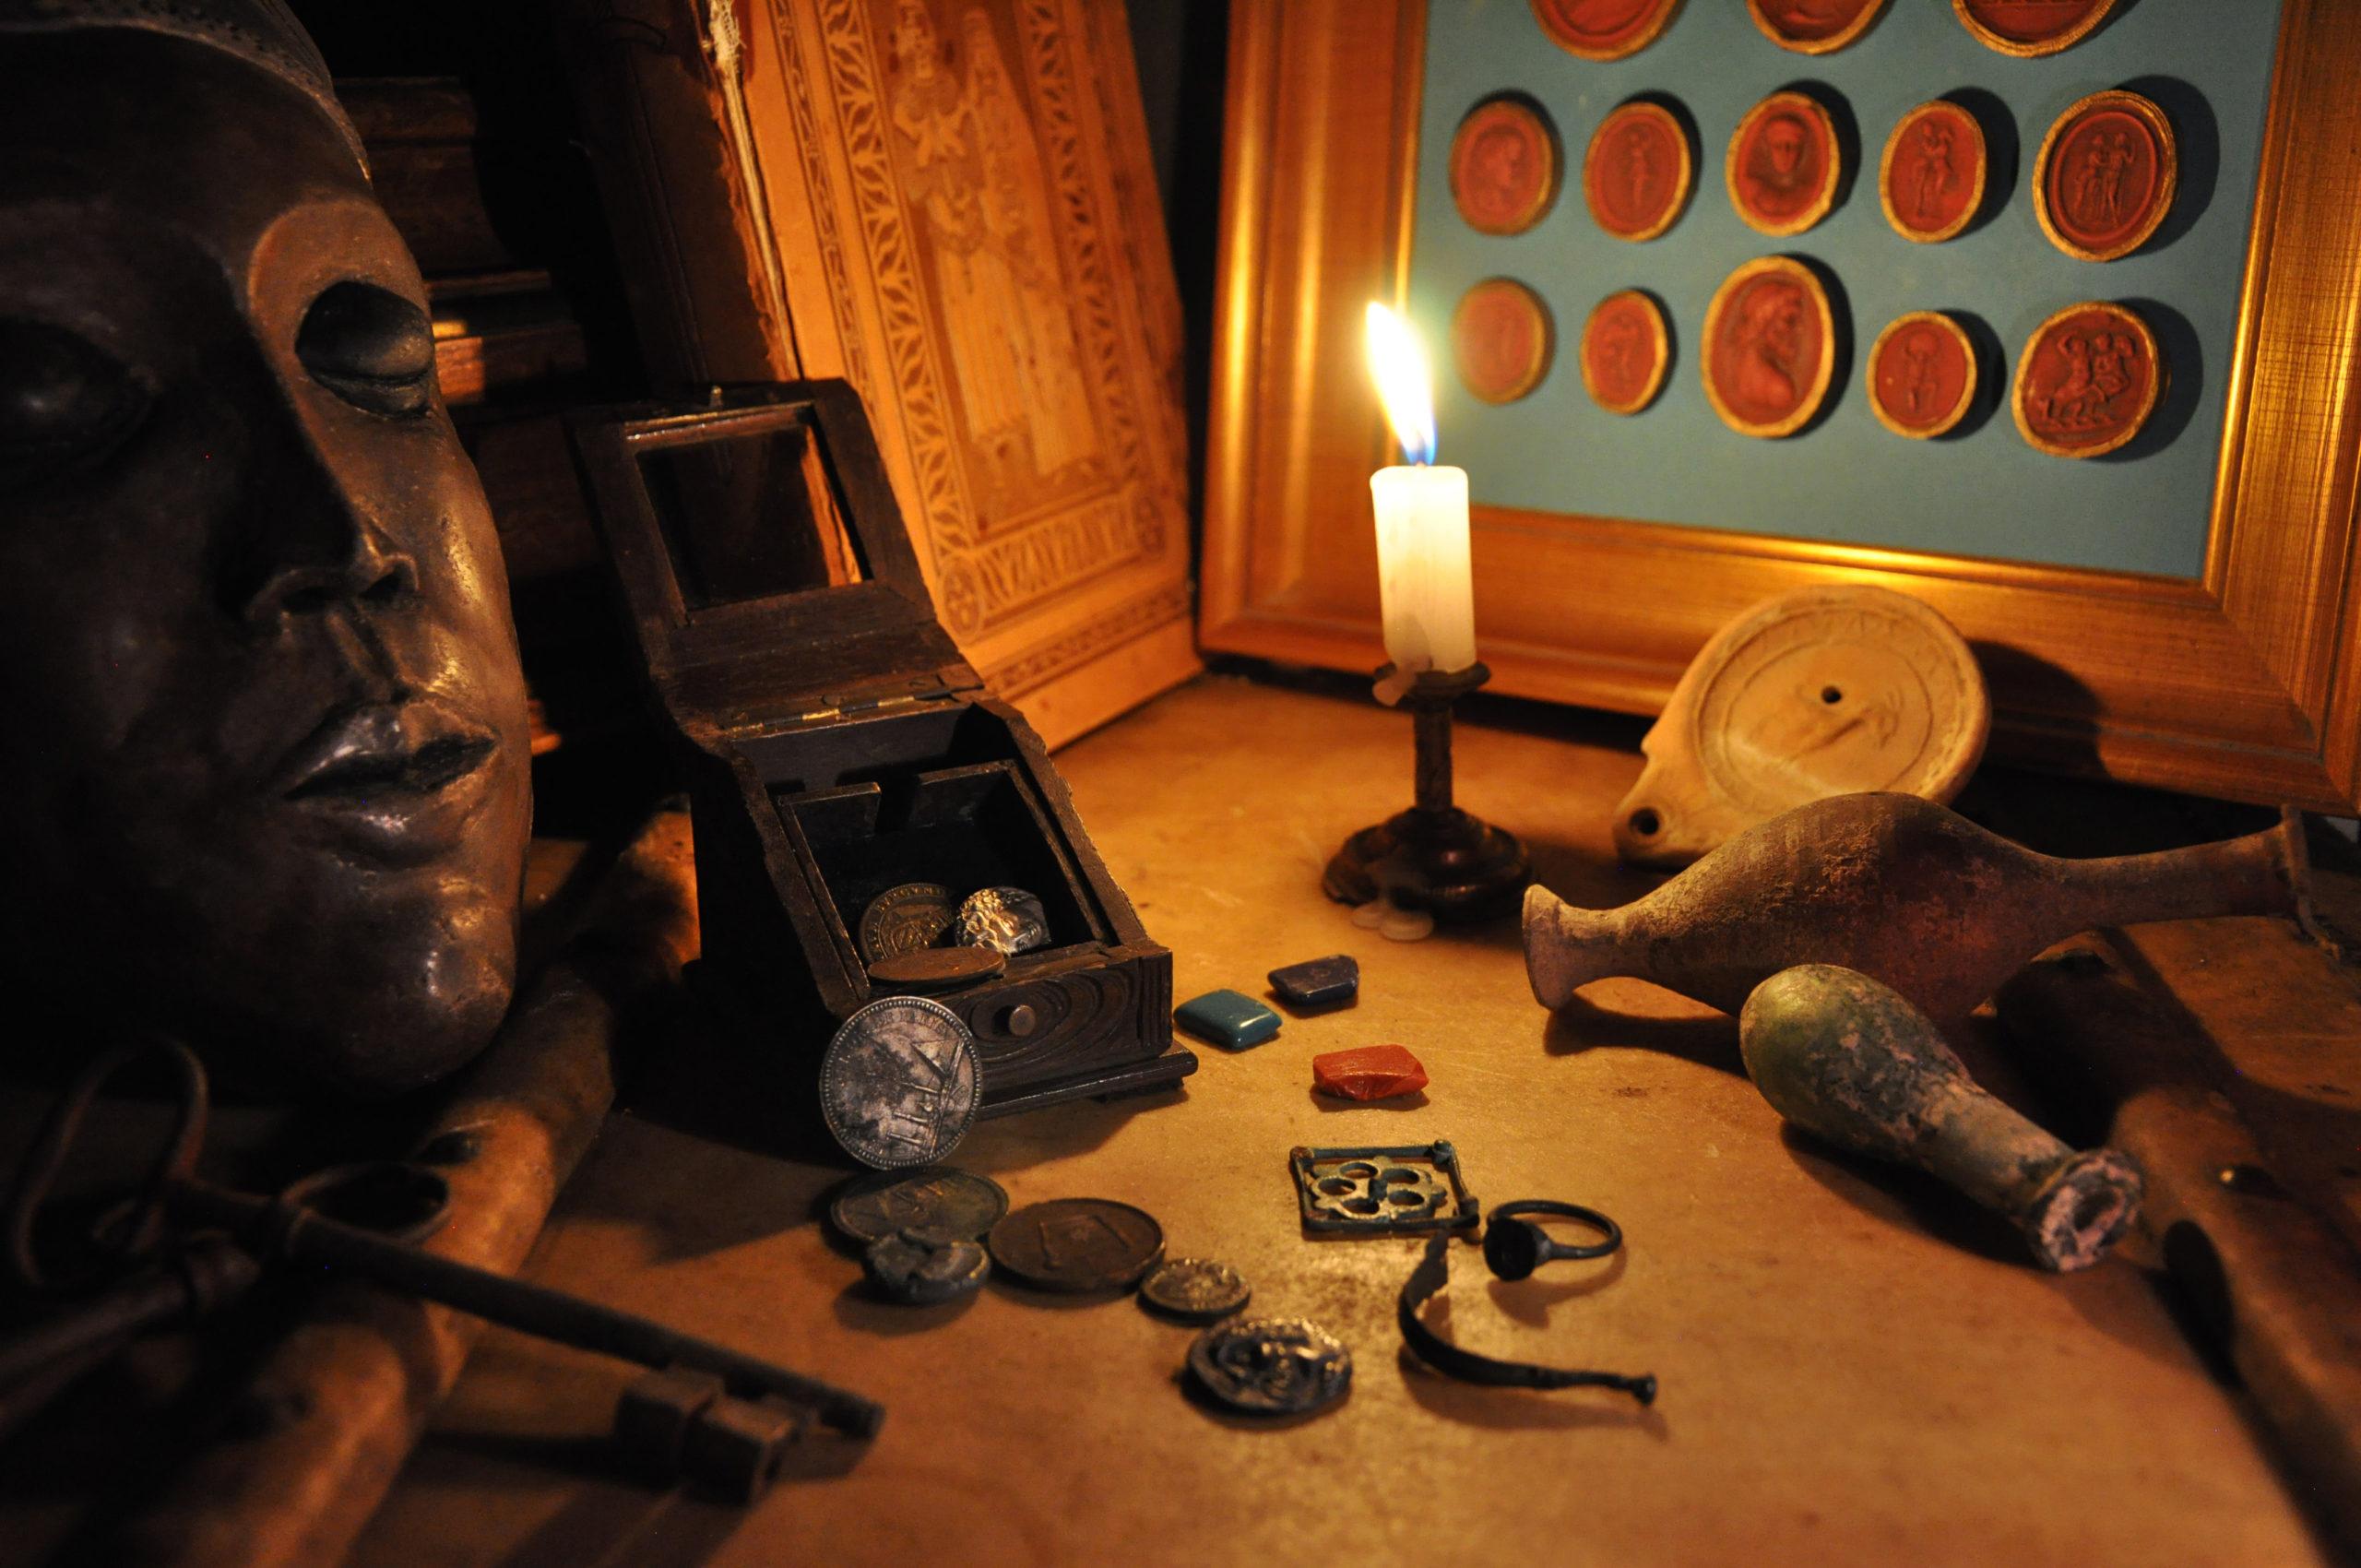 Taillandier joaillier createurcollection civilisations